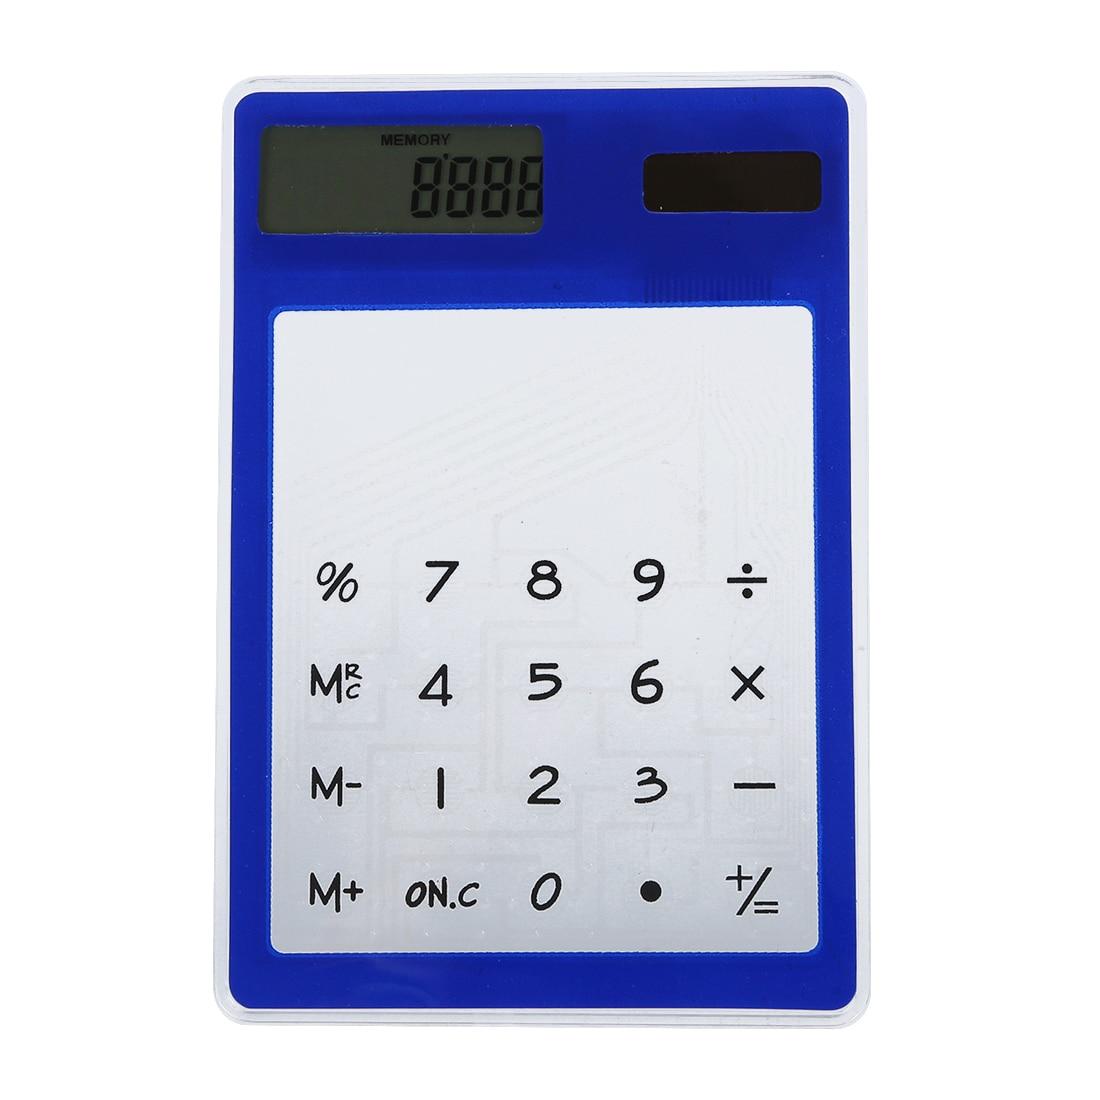 Ультра тонкий Сенсорный экран 8-значный Солнечный Мощность прозрачный калькулятор канцелярских товаров